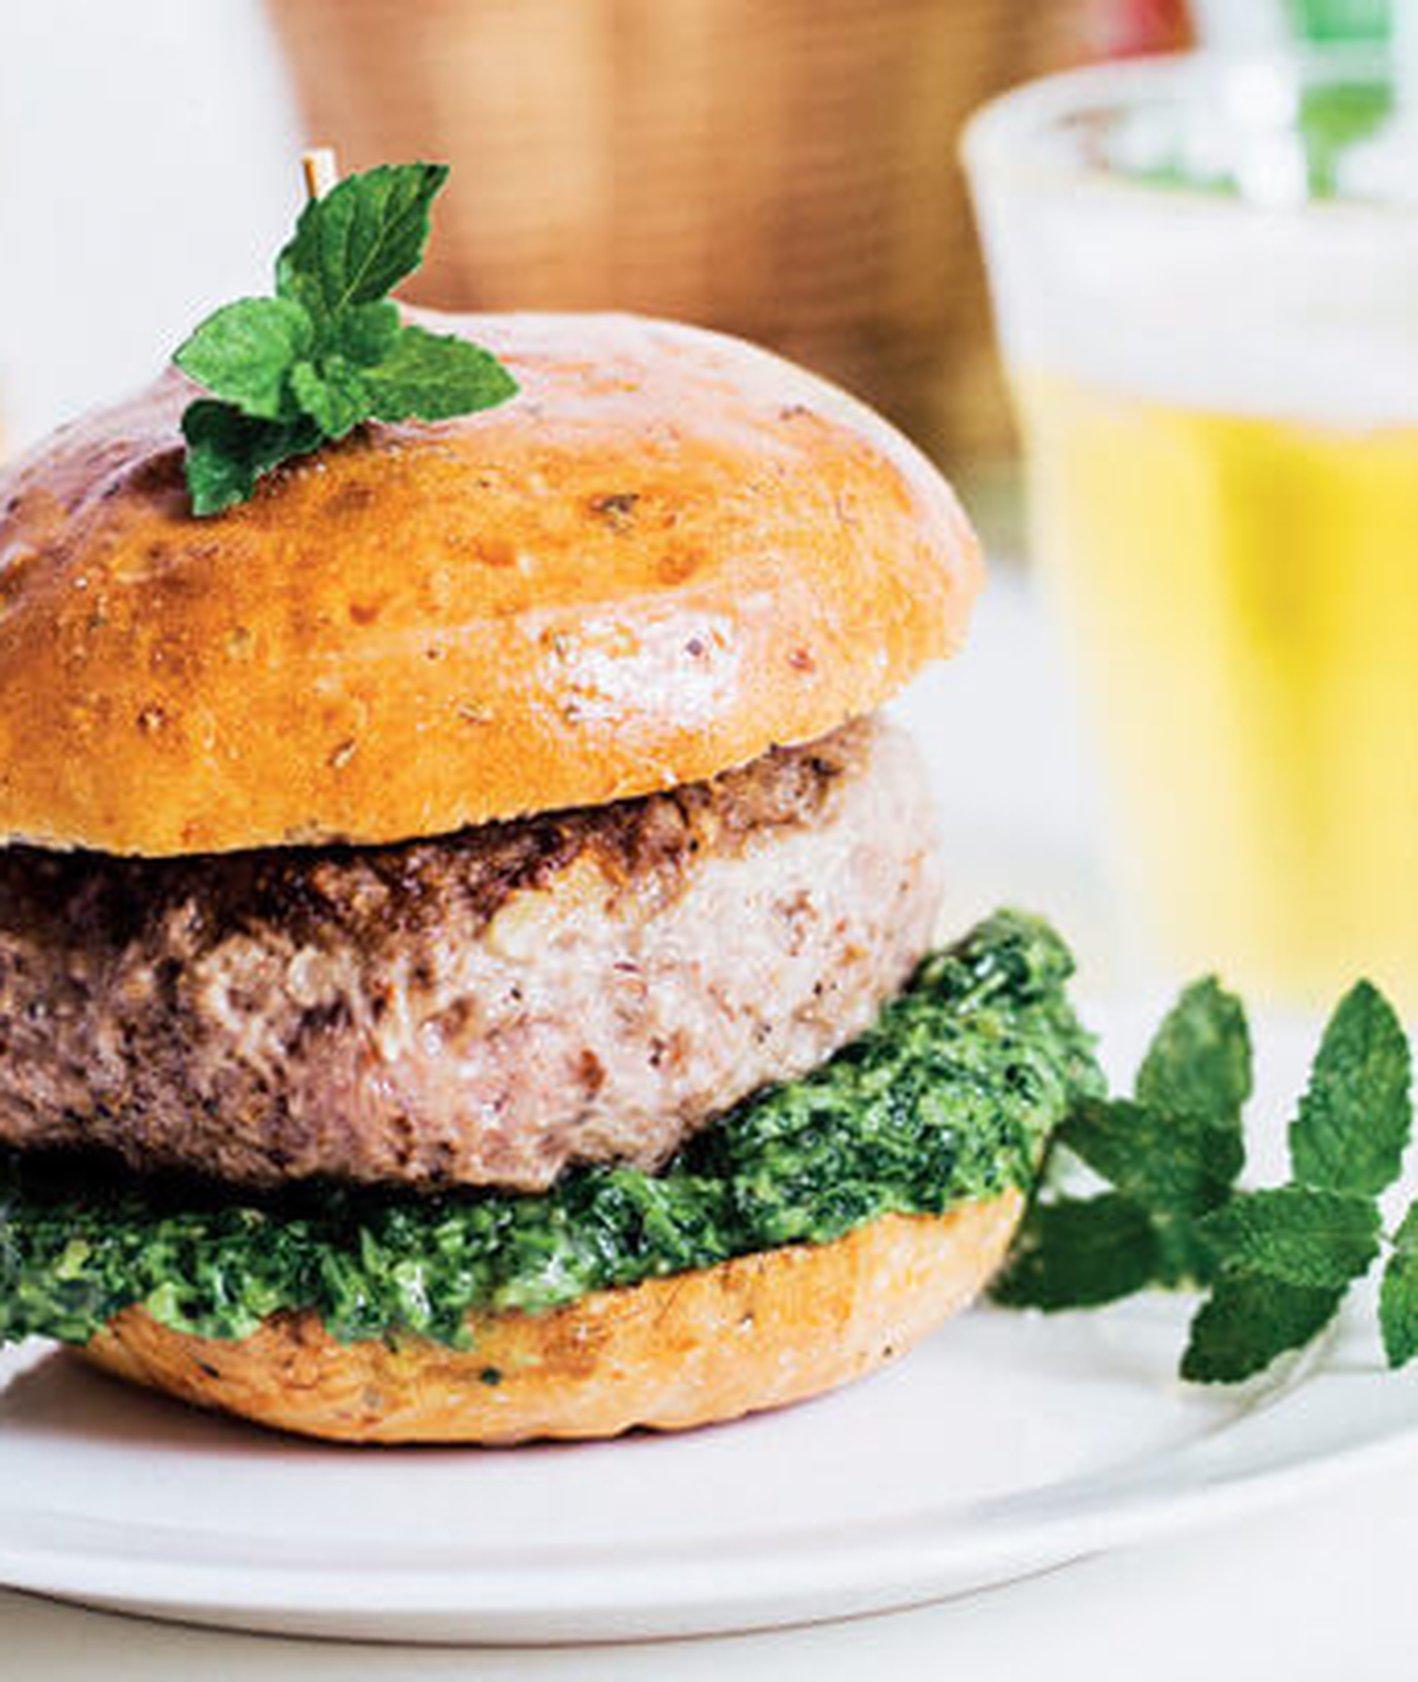 burgery w wersji bałkańskiej